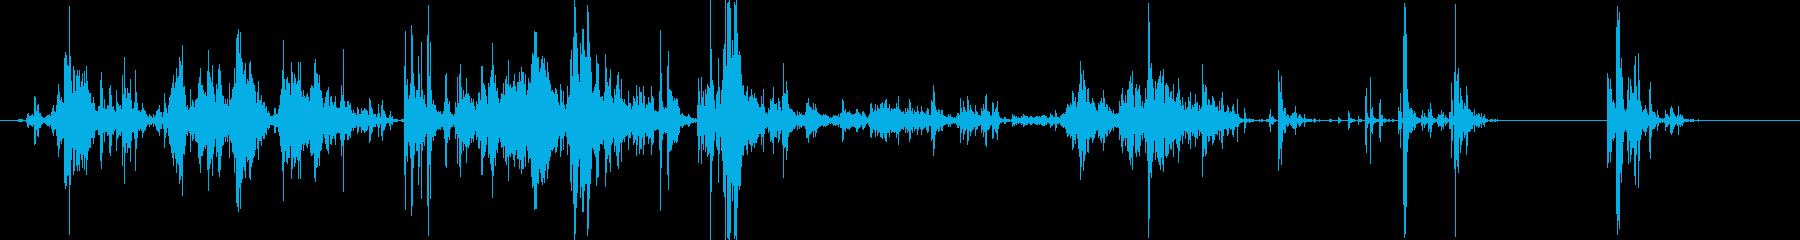 「ジャラジャラ」ブロック玩具をあさる音Aの再生済みの波形